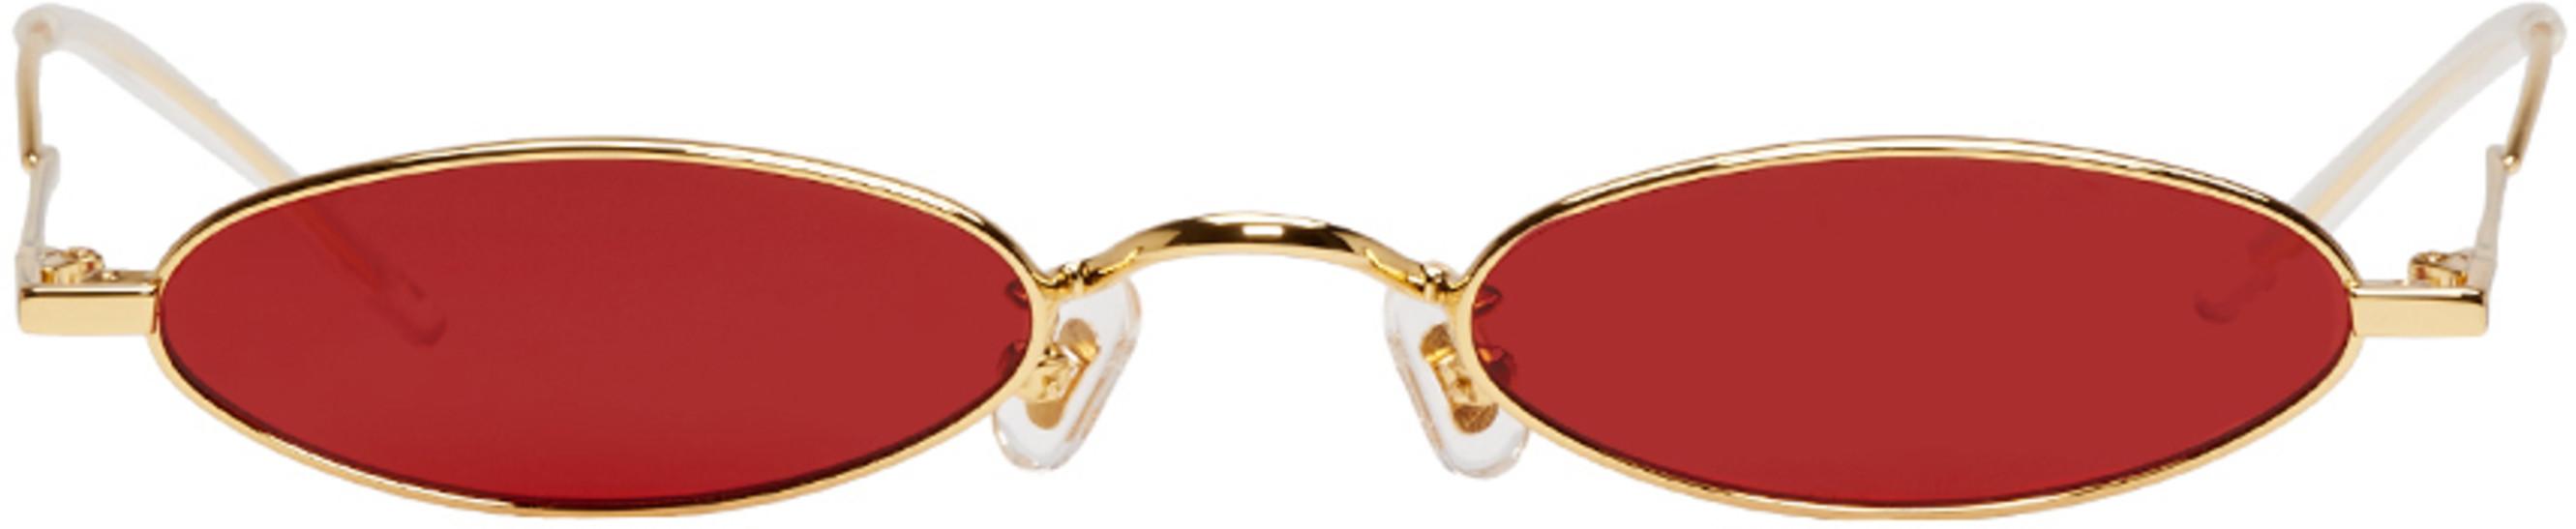 b510c965868 Gentle Monster accessories for Women